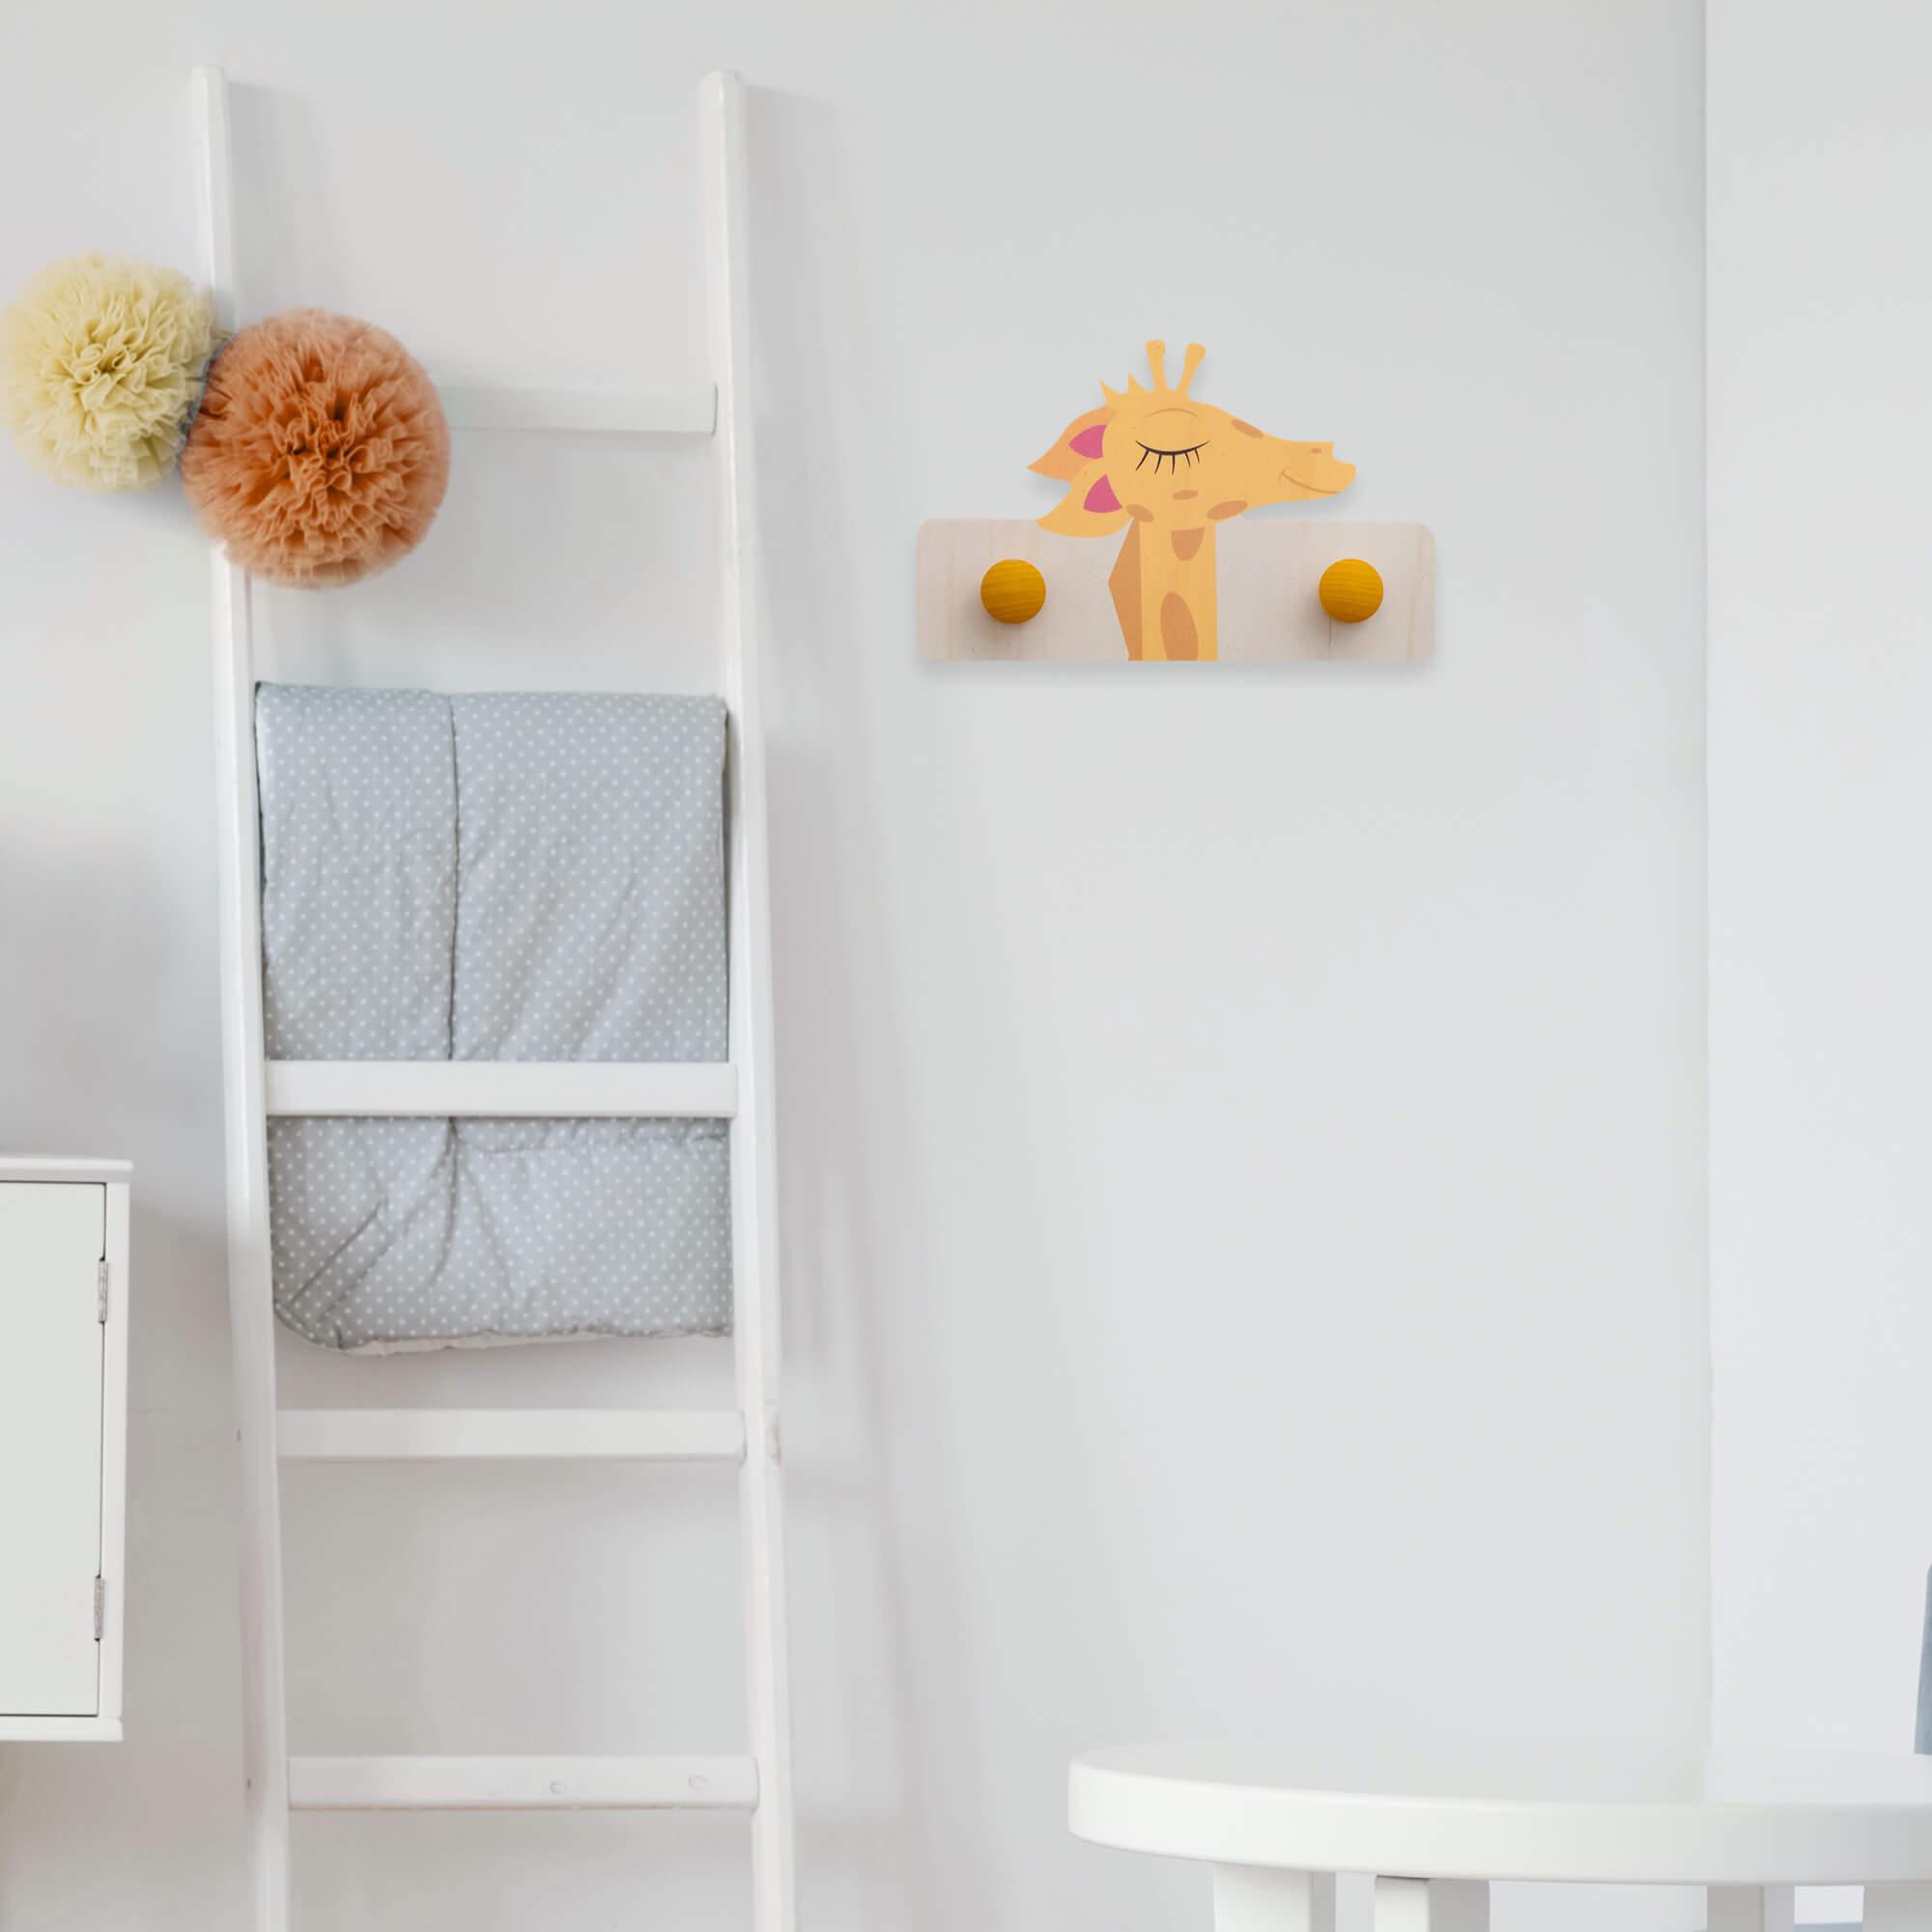 patere chambre mural chteau de princesse patre chambre fille dco chambre enfant et bb cadeau. Black Bedroom Furniture Sets. Home Design Ideas